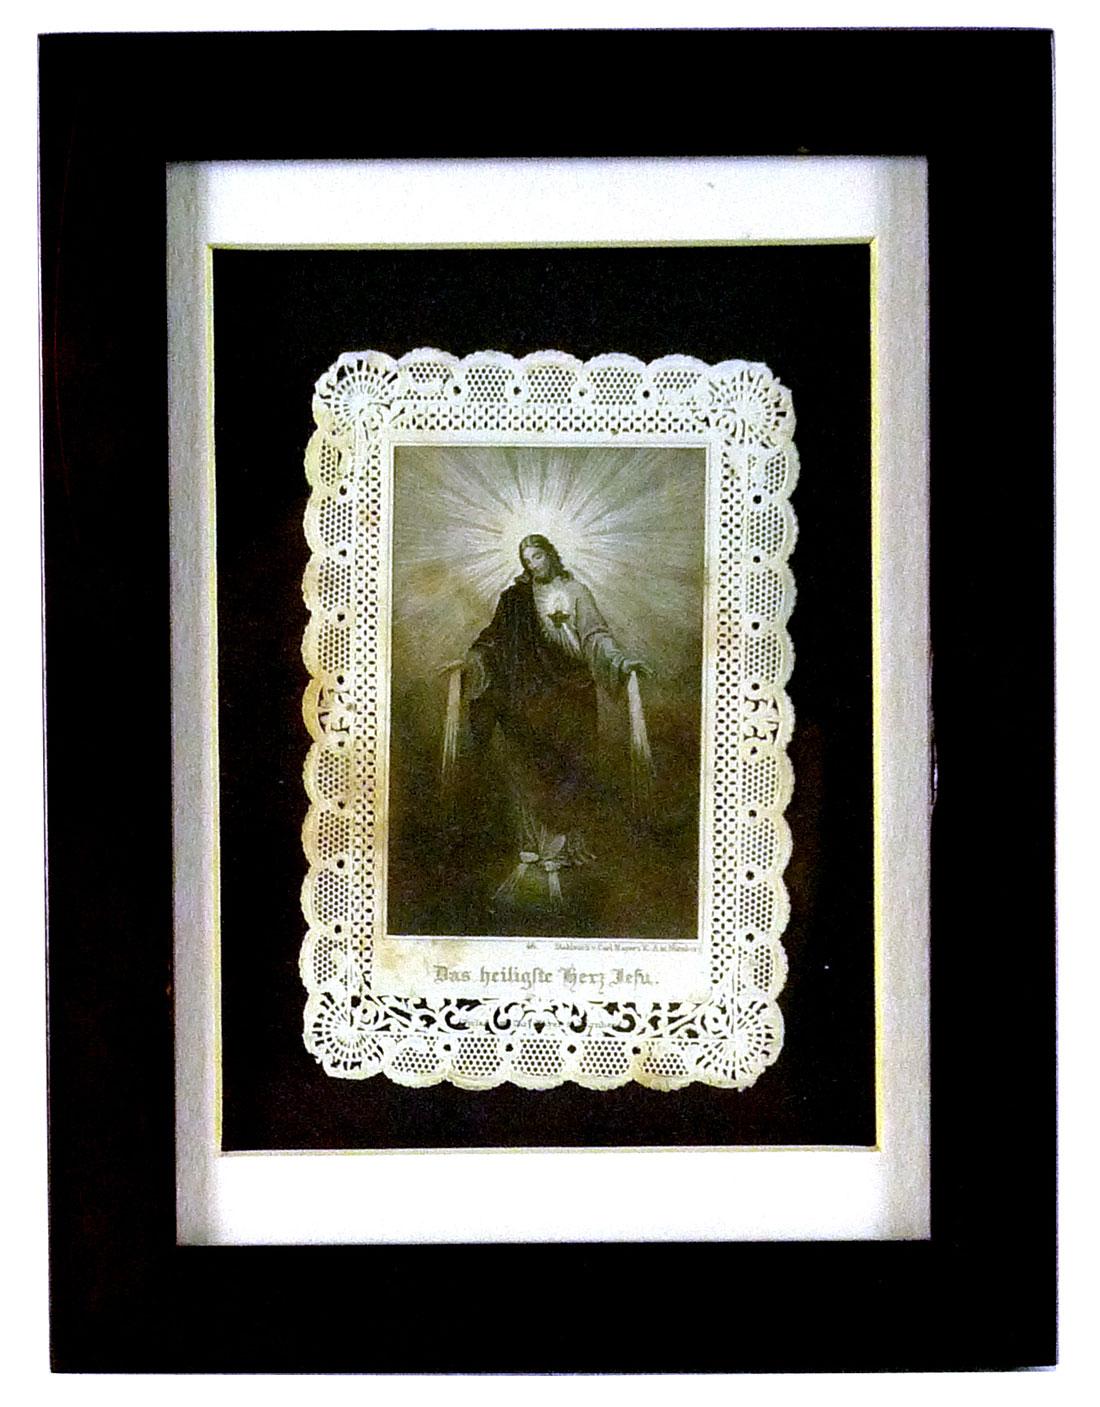 Bild in Papierspitze, Motiv Das Heiligste Hetz Jesu